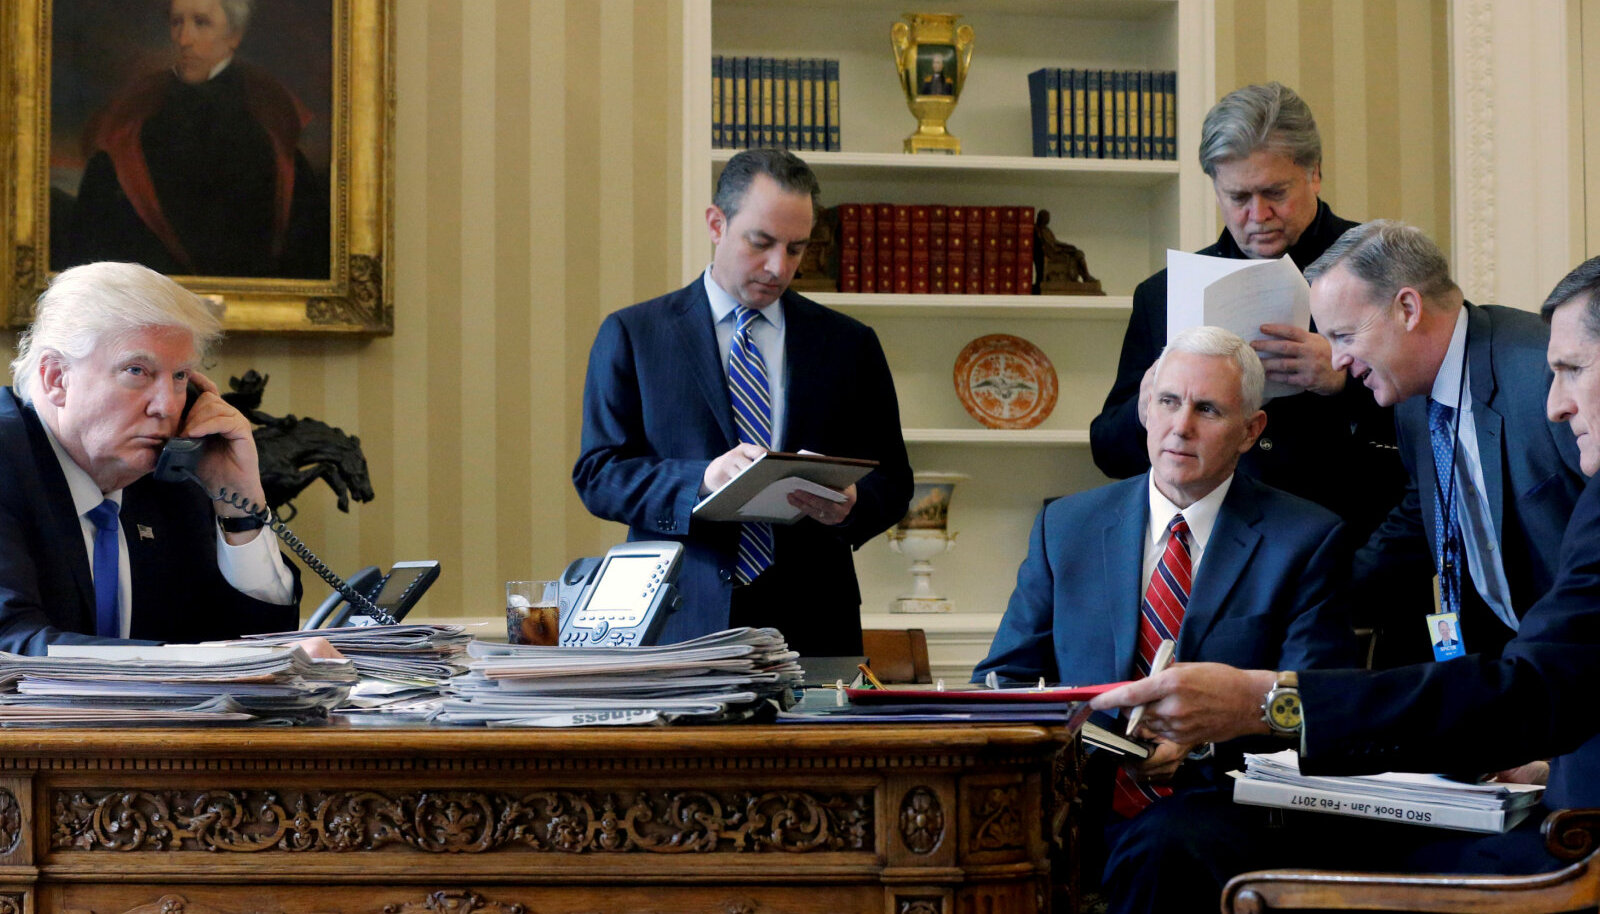 Trumpi nõustajad tema ametiaja alguses, leia pildilt Bannon ja Flynn